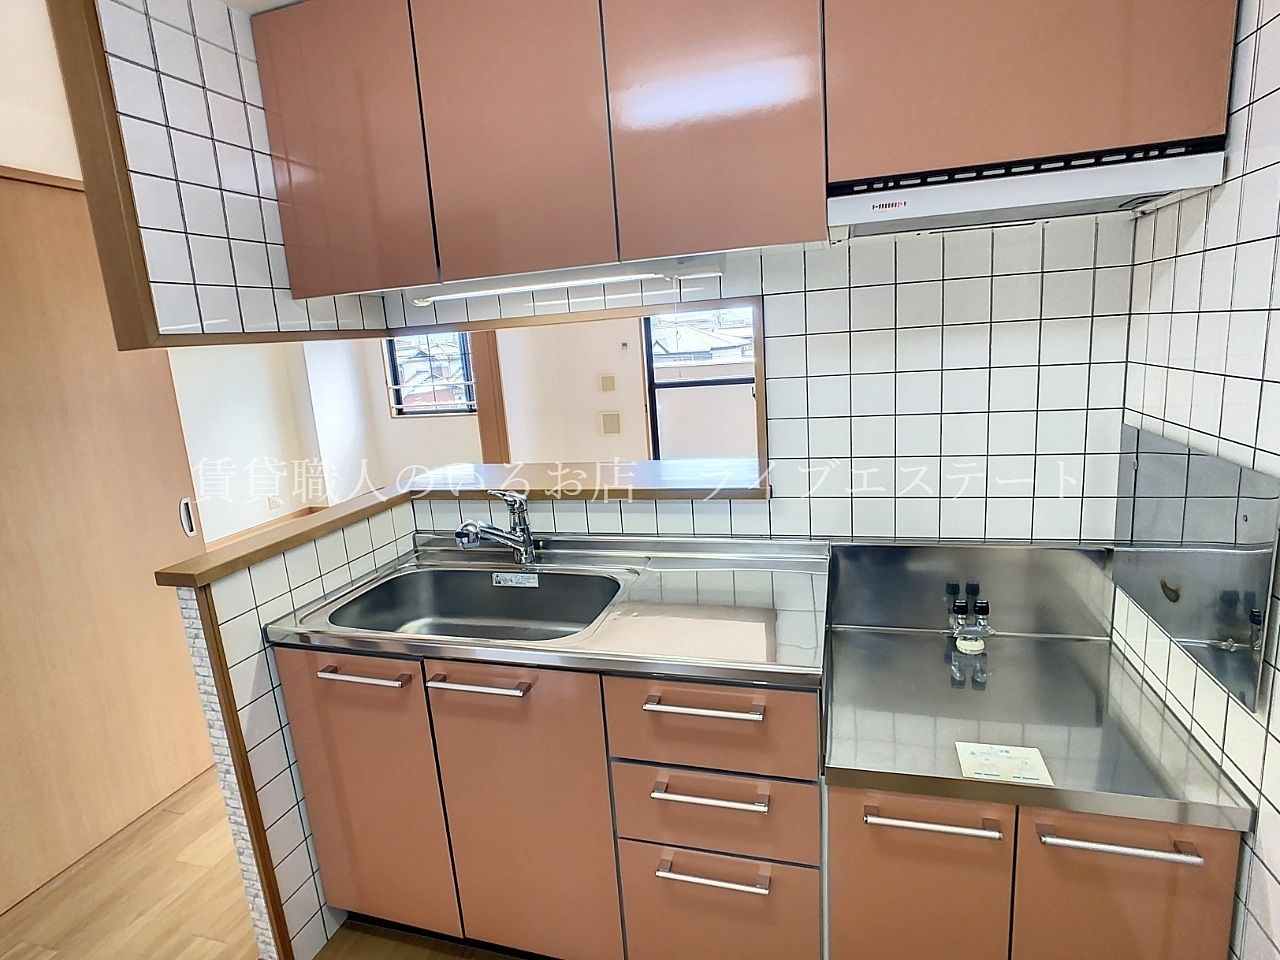 対面式のシステムキッチン コンロの前は壁なので油汚れなどがお部屋に広がりにくい